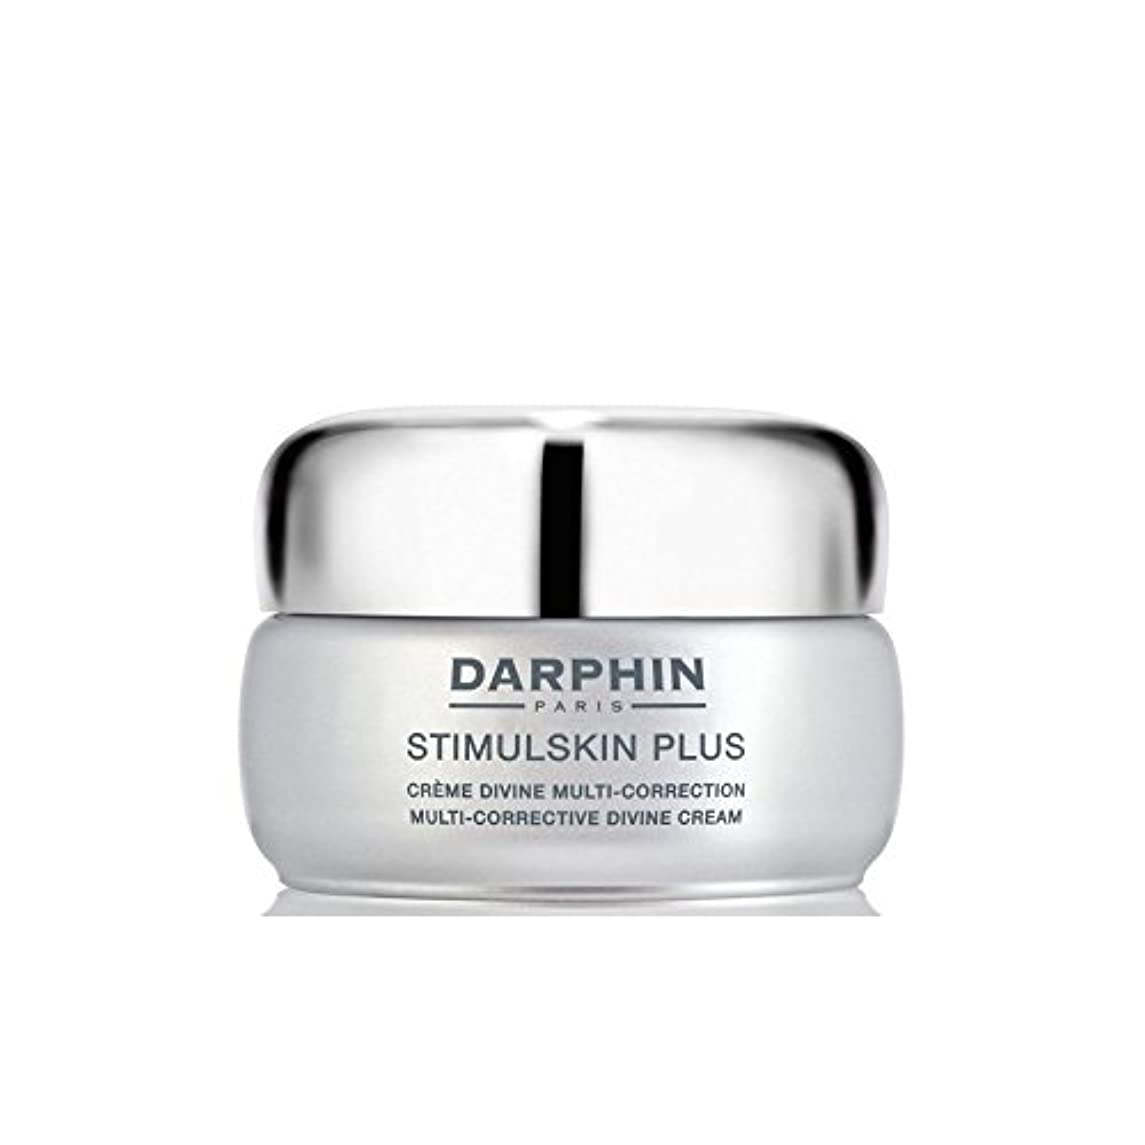 バイパス刈る水平Darphin Stimulskin Plus Multi-Corrective Divine Cream - Rich - ダルファンスティプラスマルチ是正神クリーム - 豊富 [並行輸入品]